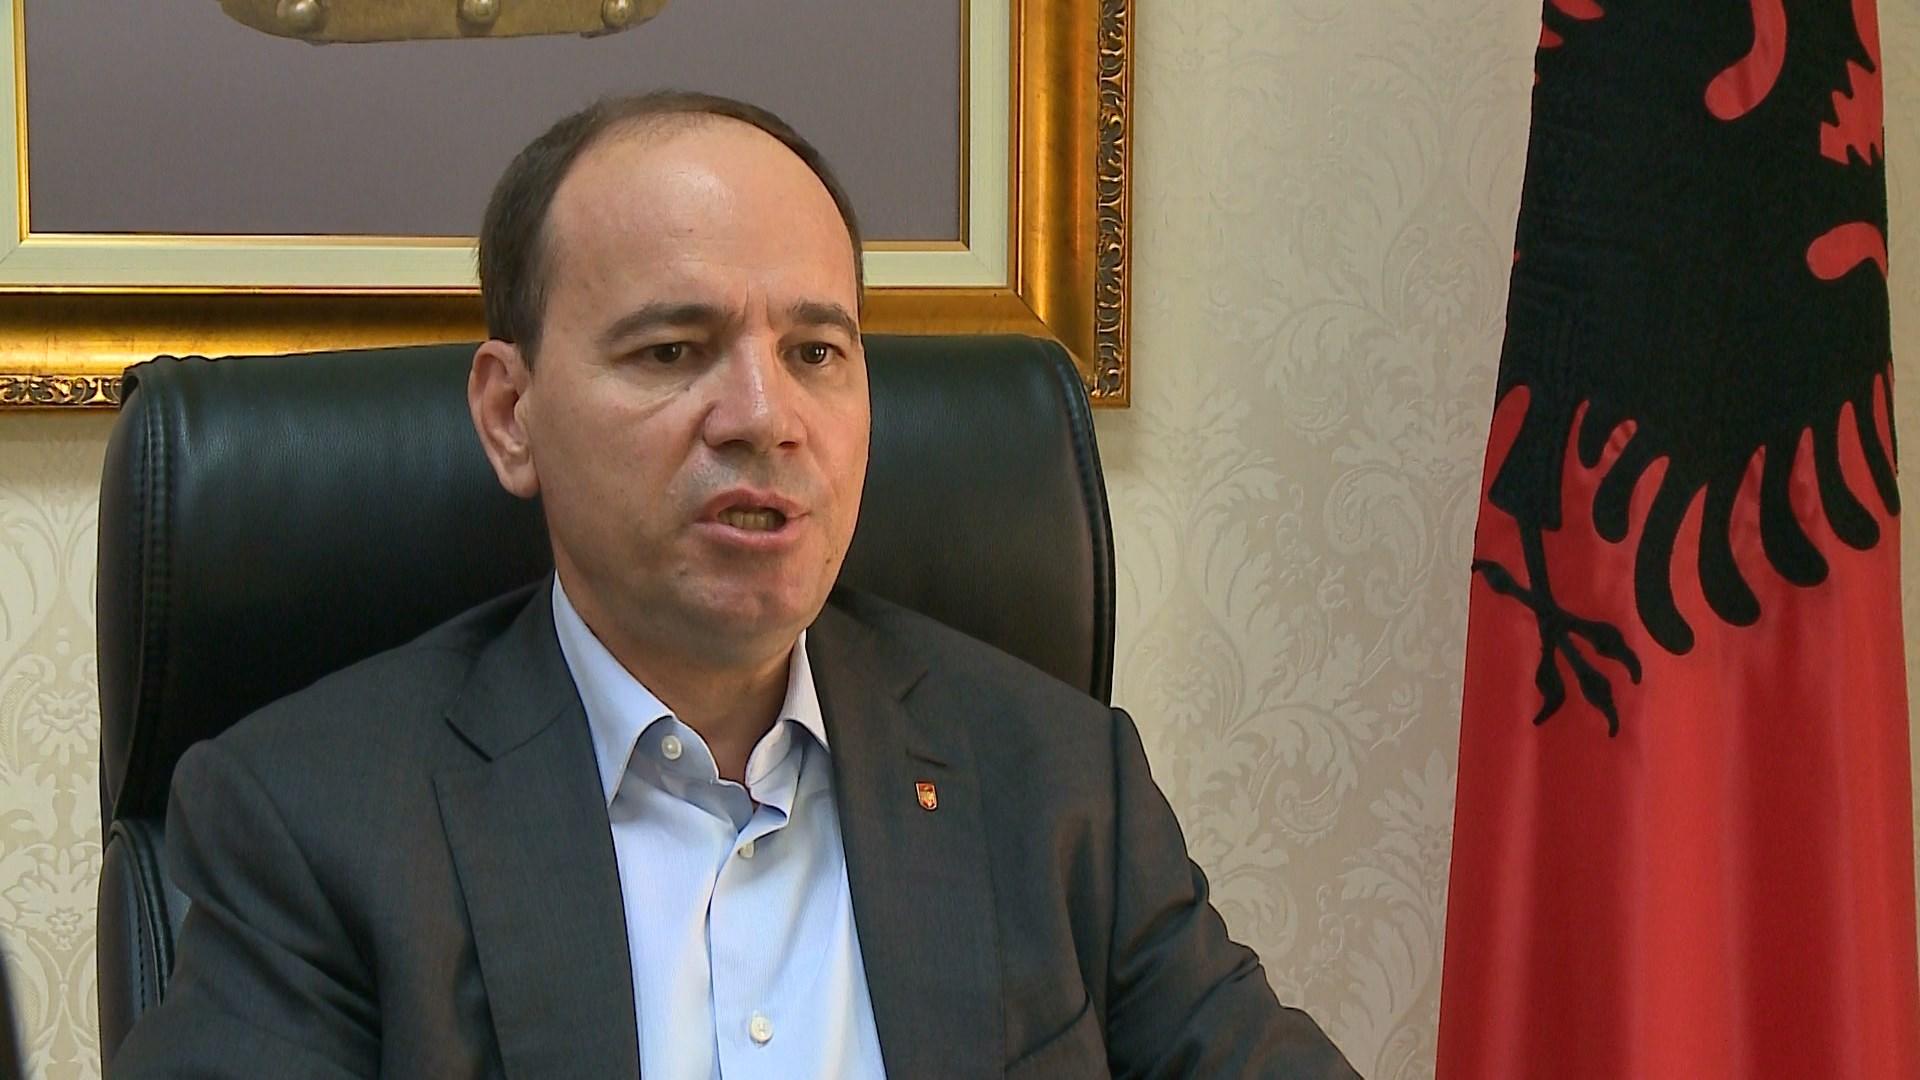 Takimi i Bashës në Durrës, Nishani: Populli nuk ndalet më, shqiptarët janë të pamëshirshëm